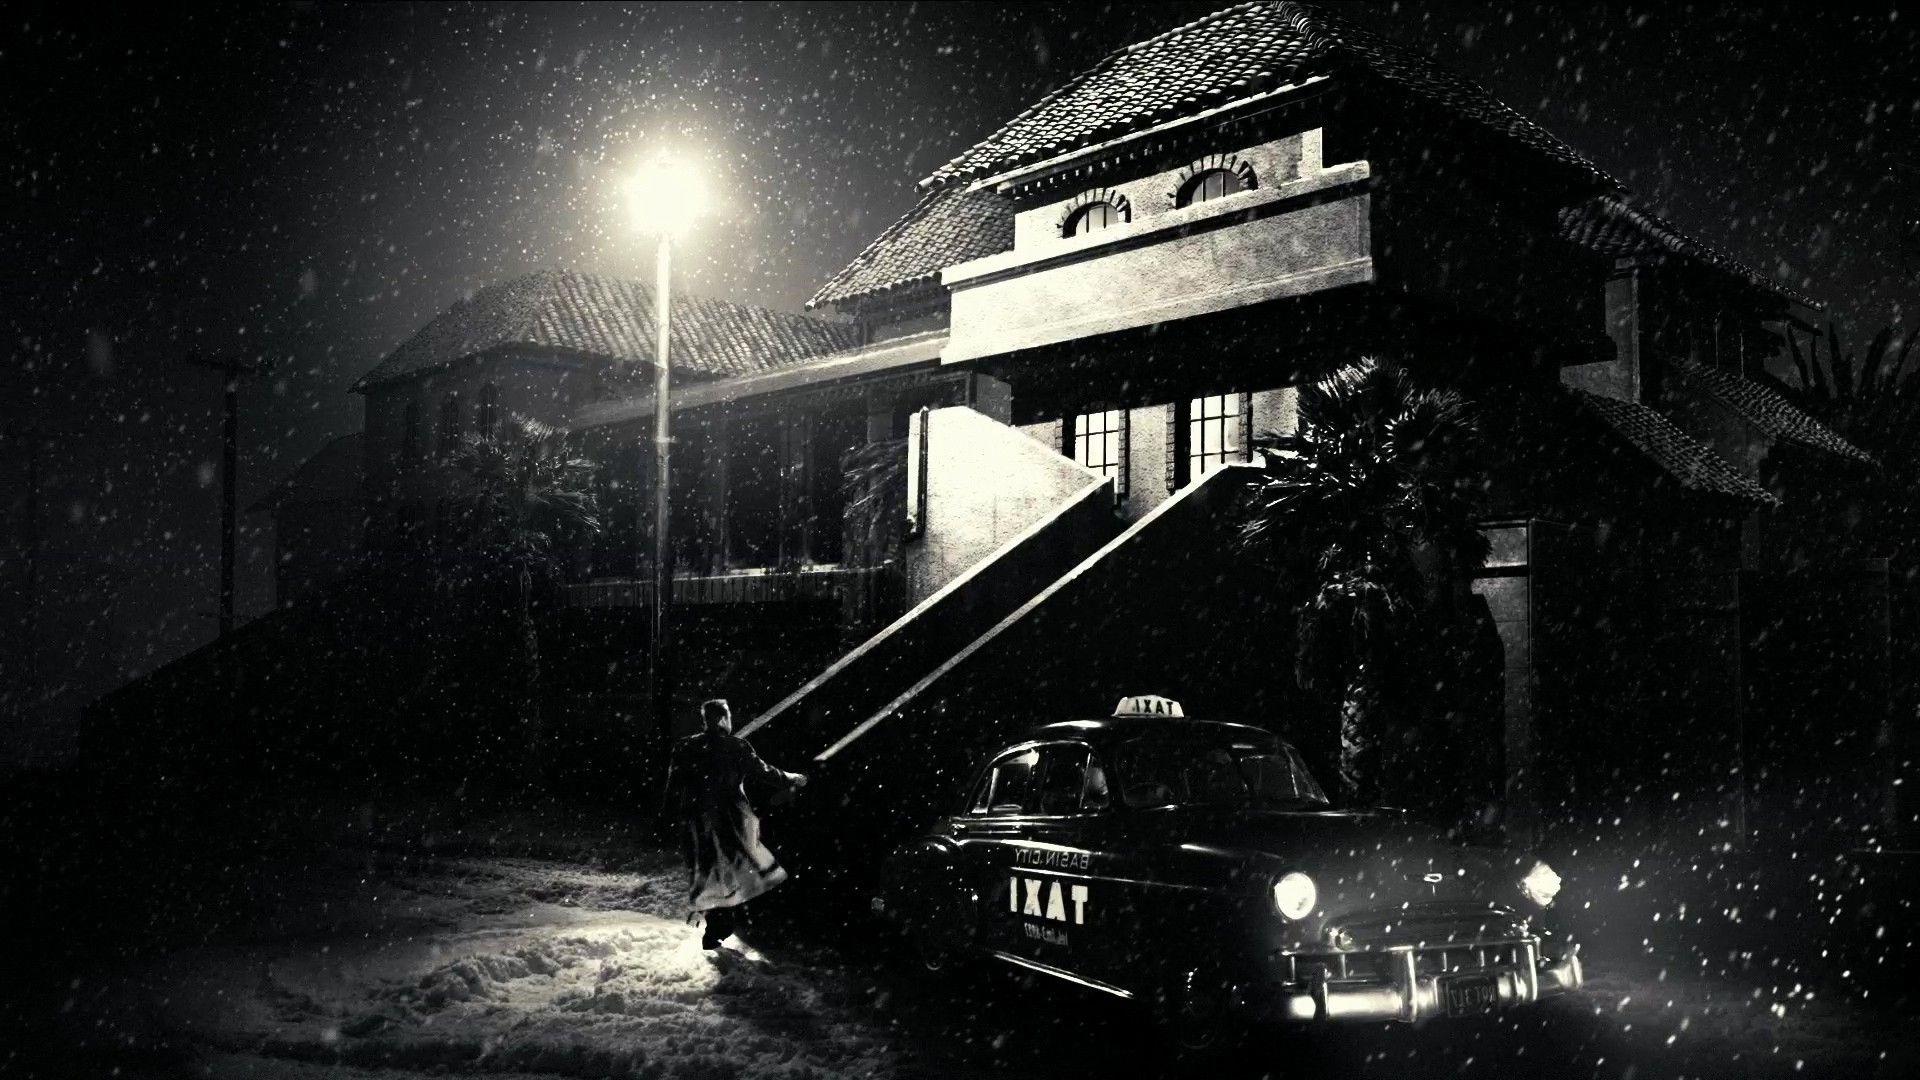 Noir 1080p picture